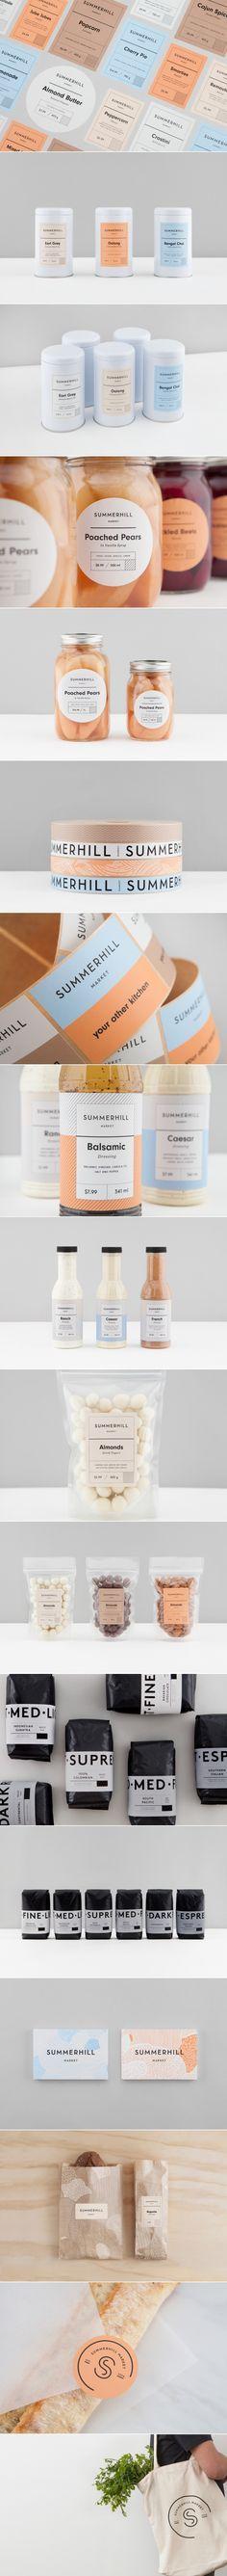 Summerhill Market's Fresh Contemporary Branding — The Dieline | Packaging & Branding Design & Innovation News